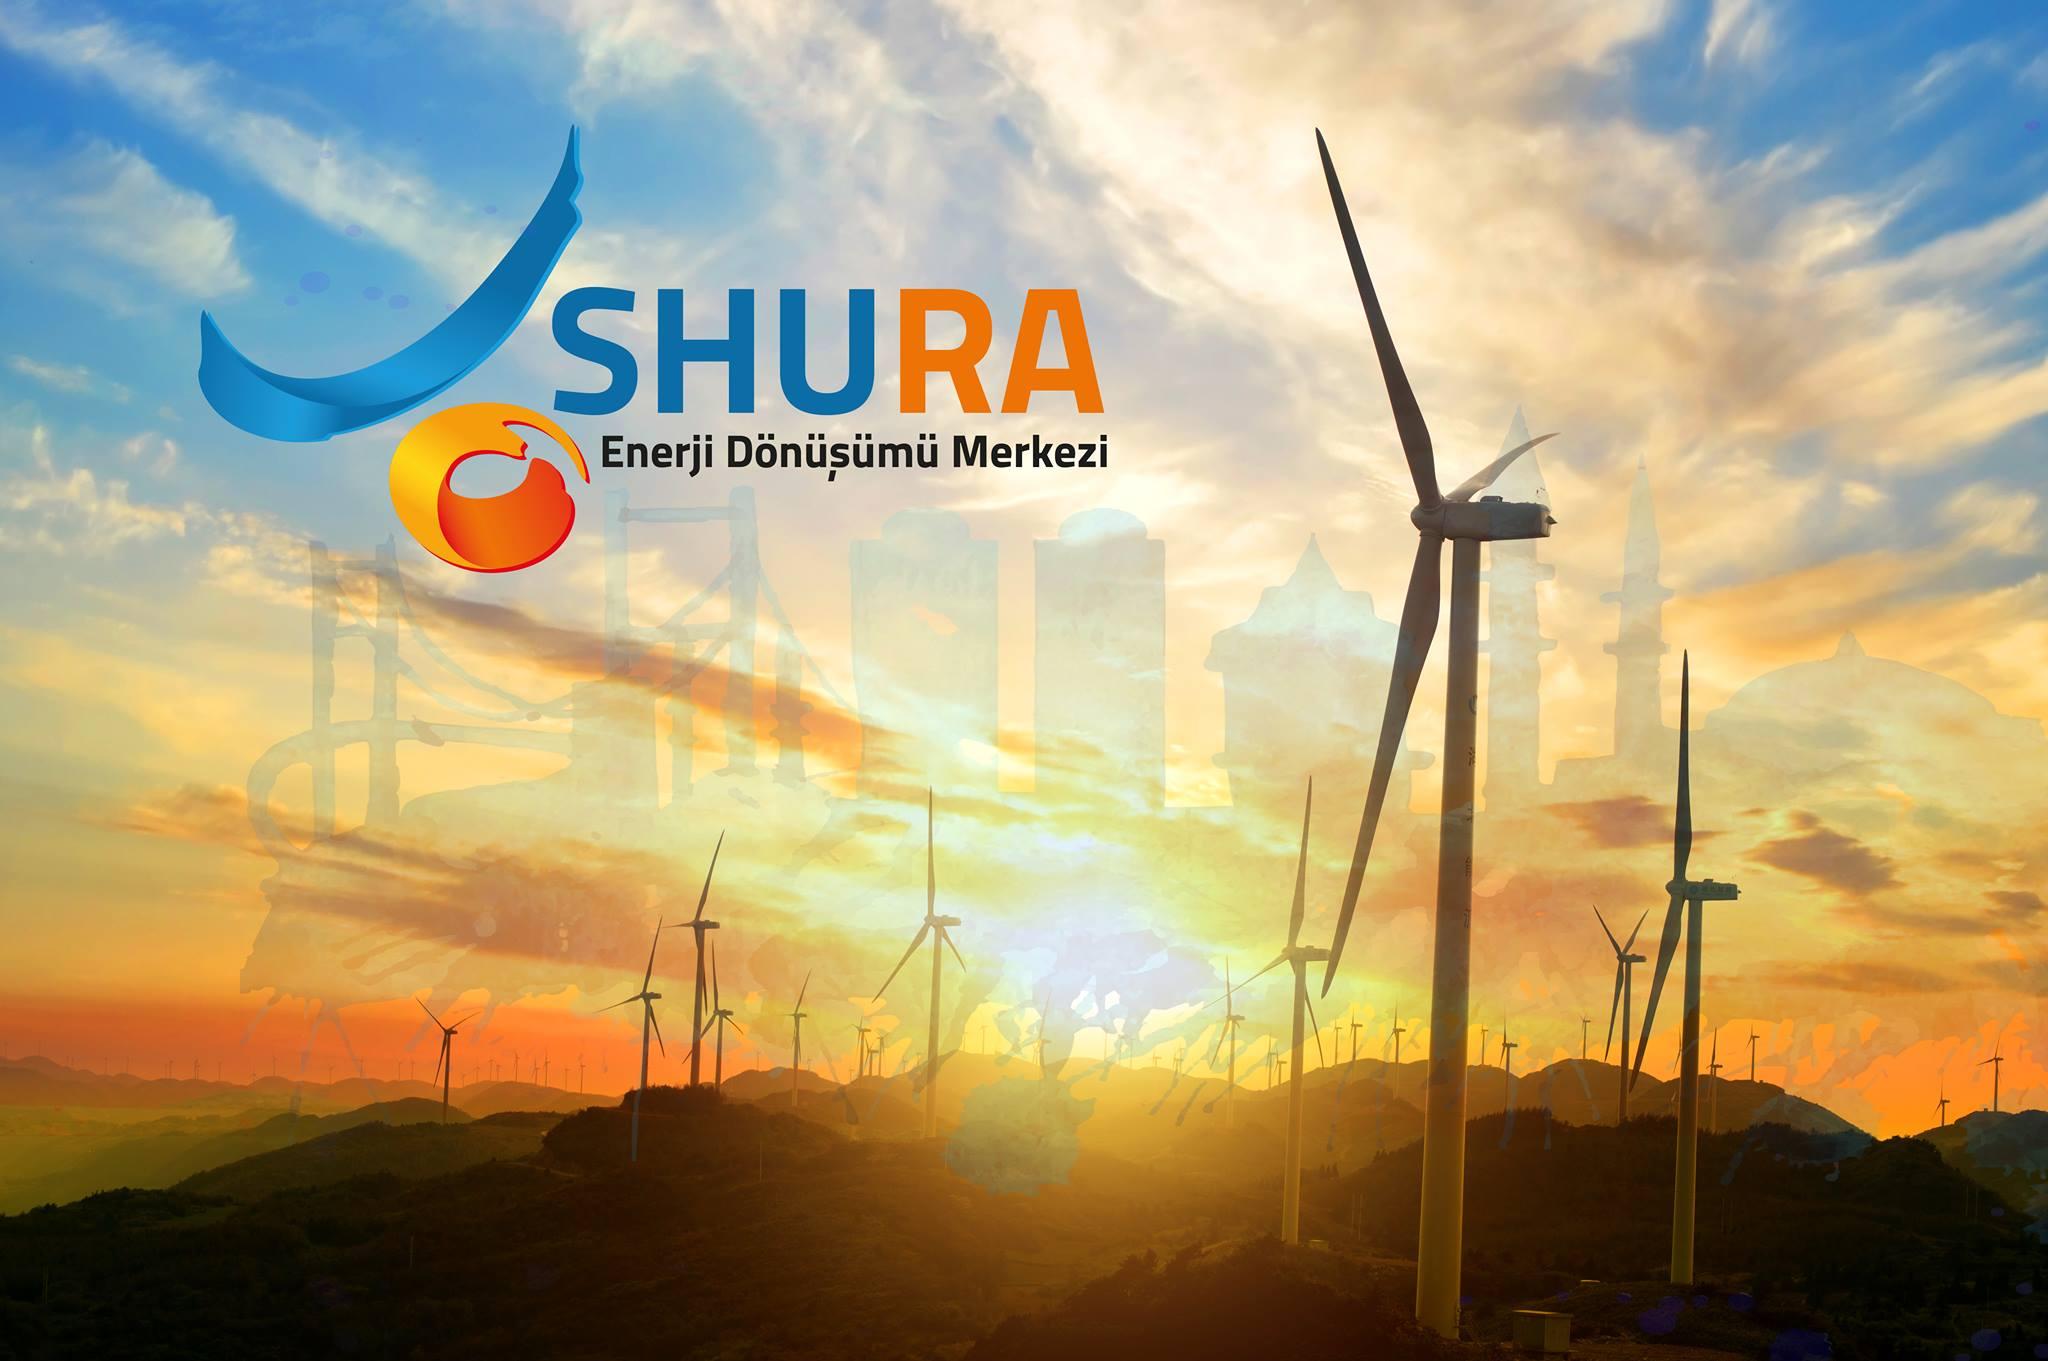 SHURA Enerji Dönüşümü Merkezi